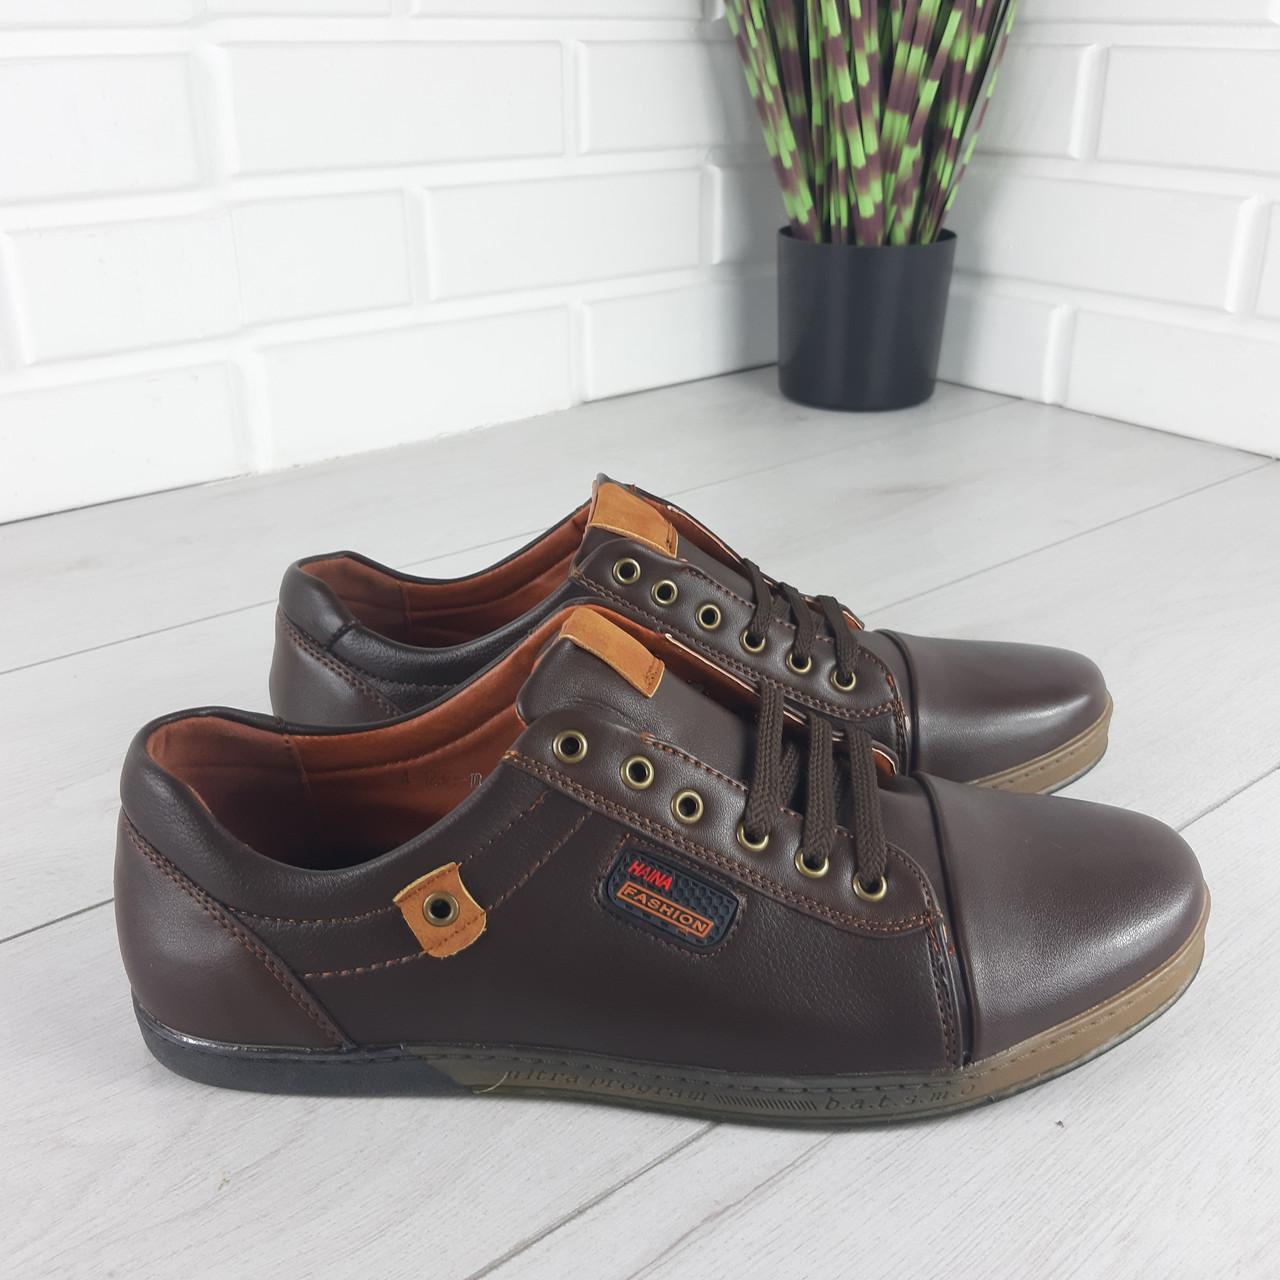 Туфли мужские, мокасины мужские, повседневные туфли на шнурках, коричневые из эко кожи